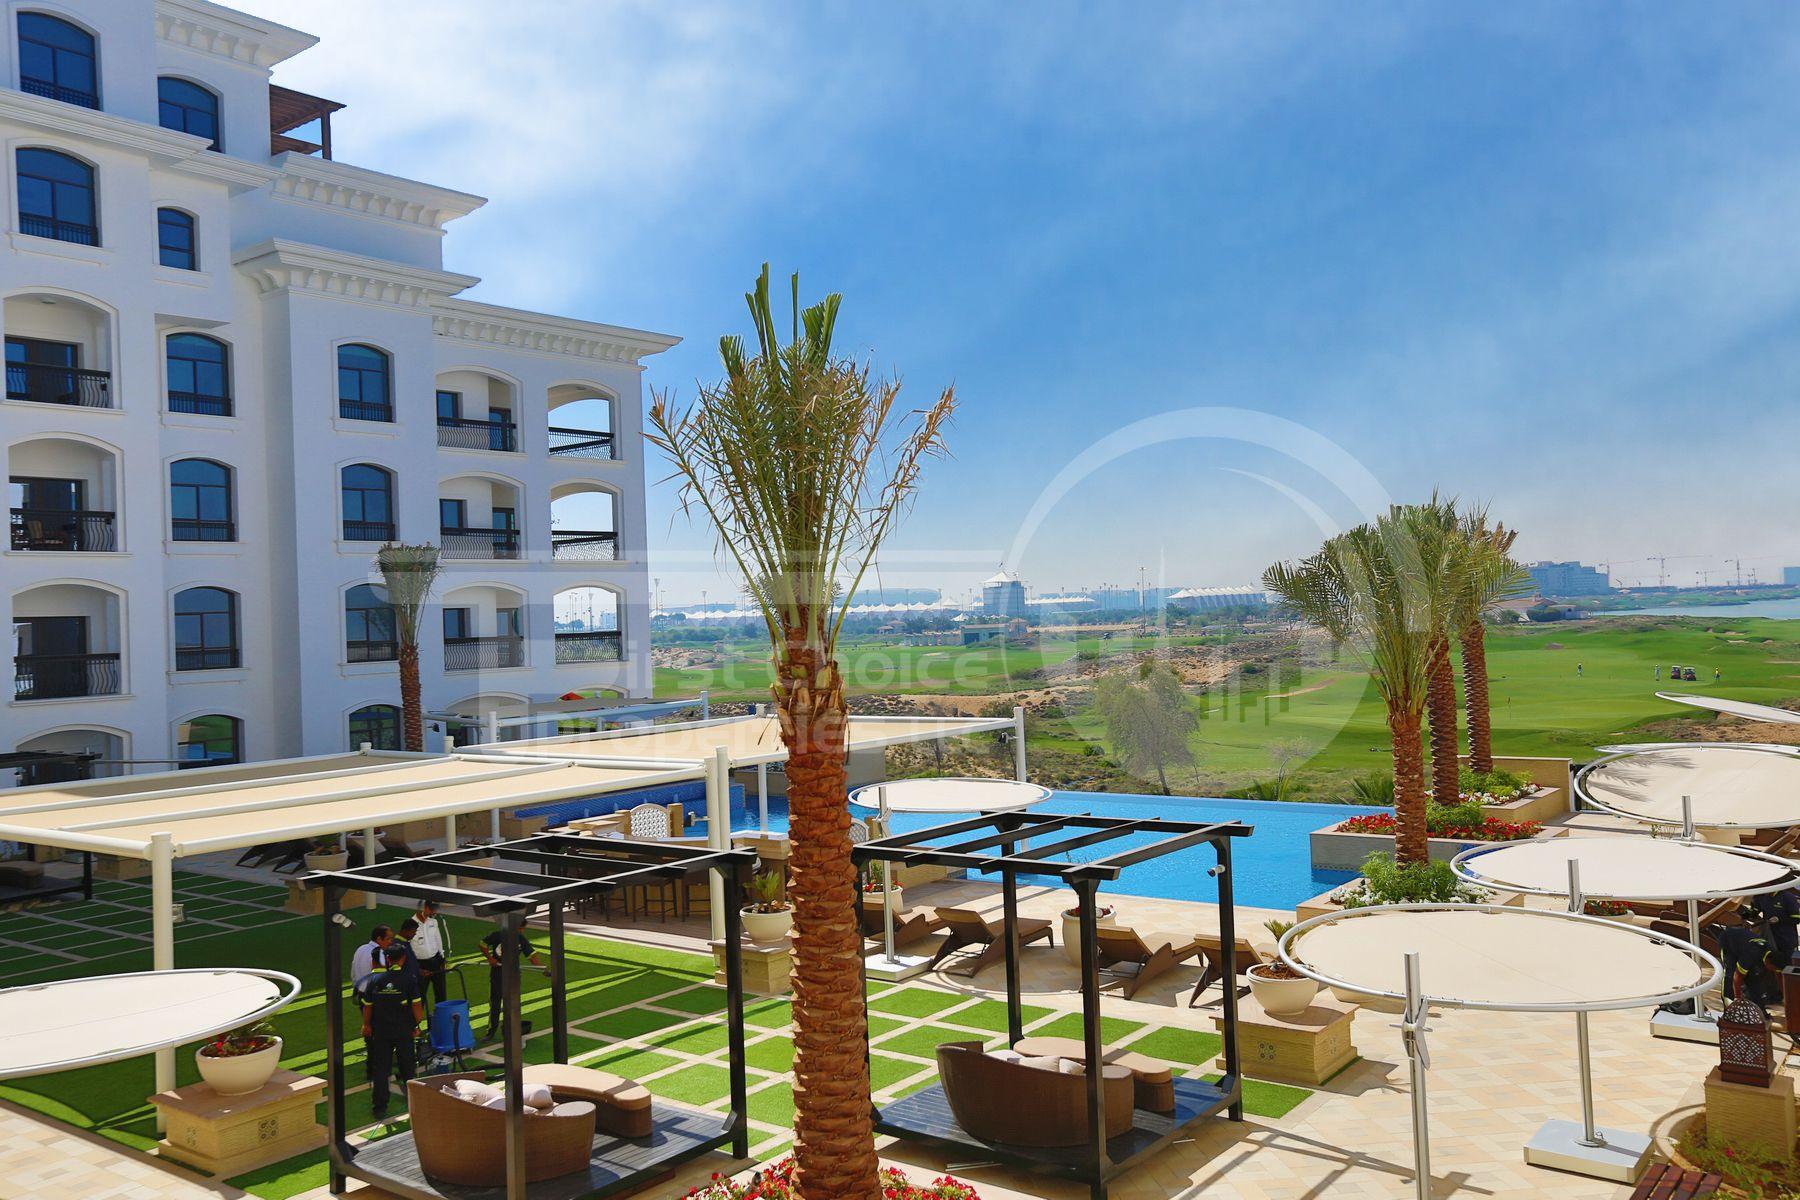 Studio - 1BR - 2BR - 3BR Apartment - UAE - Abu Dhabi - Yas Island - Ansam (1).jpg